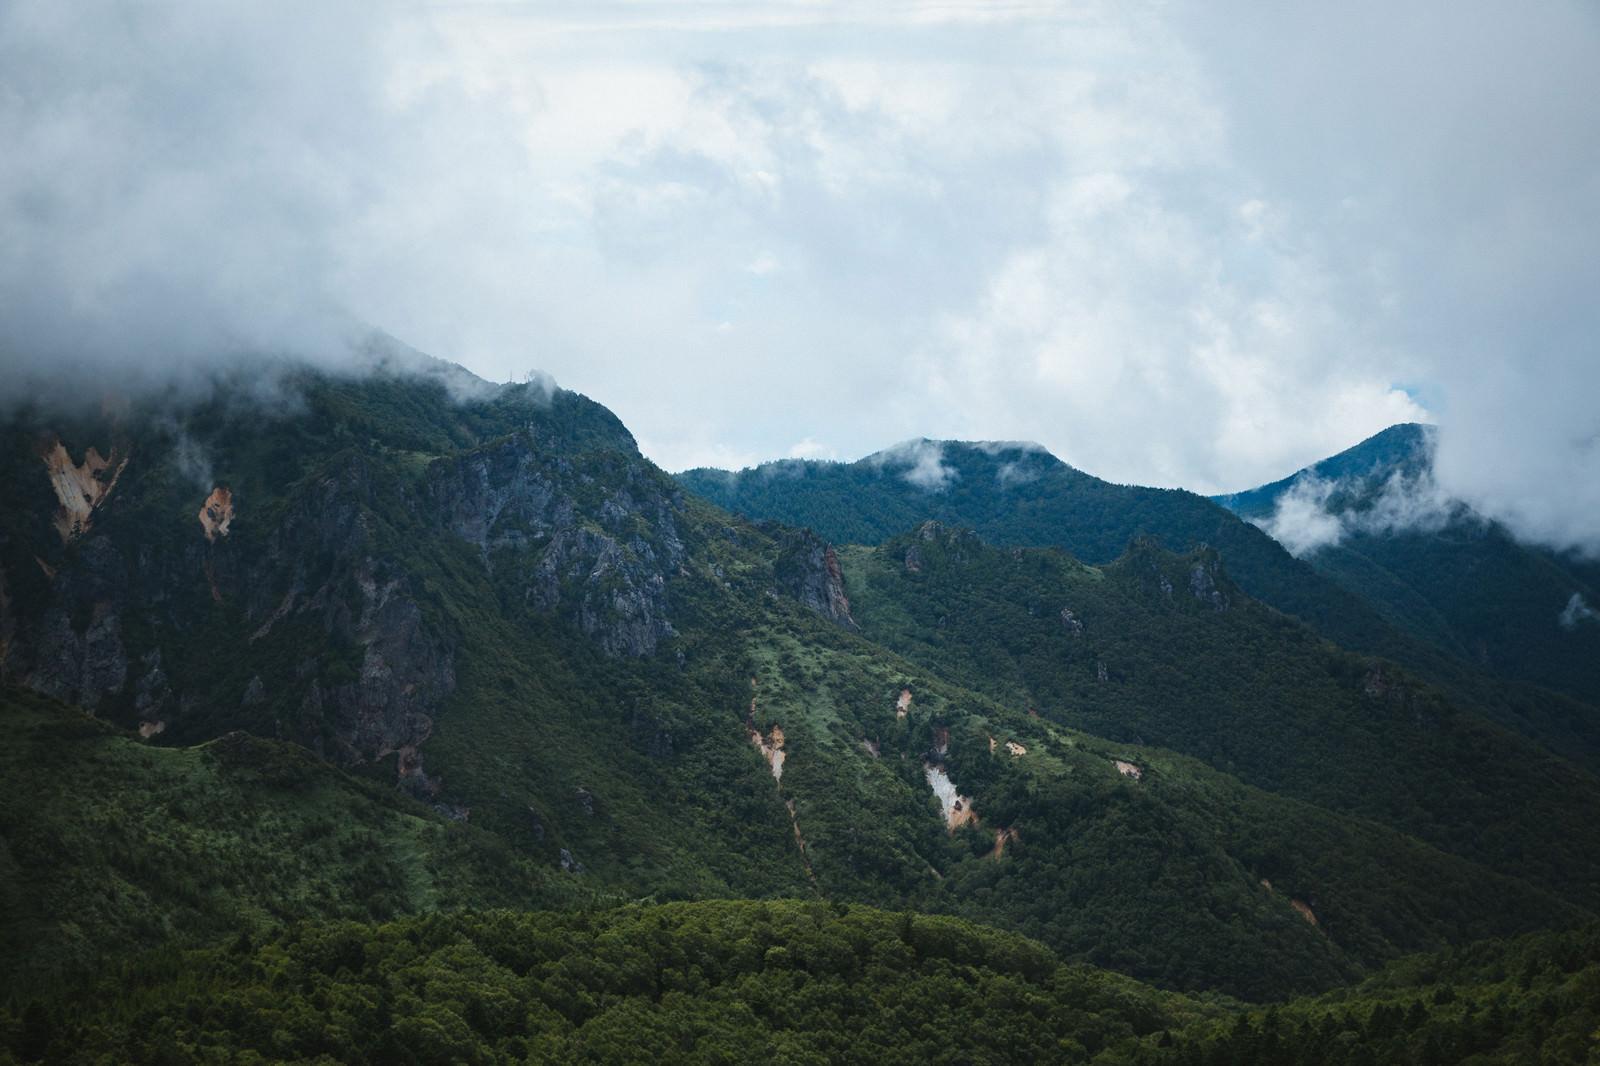 「破風岳に連なる山(毛無峠から撮影)」の写真